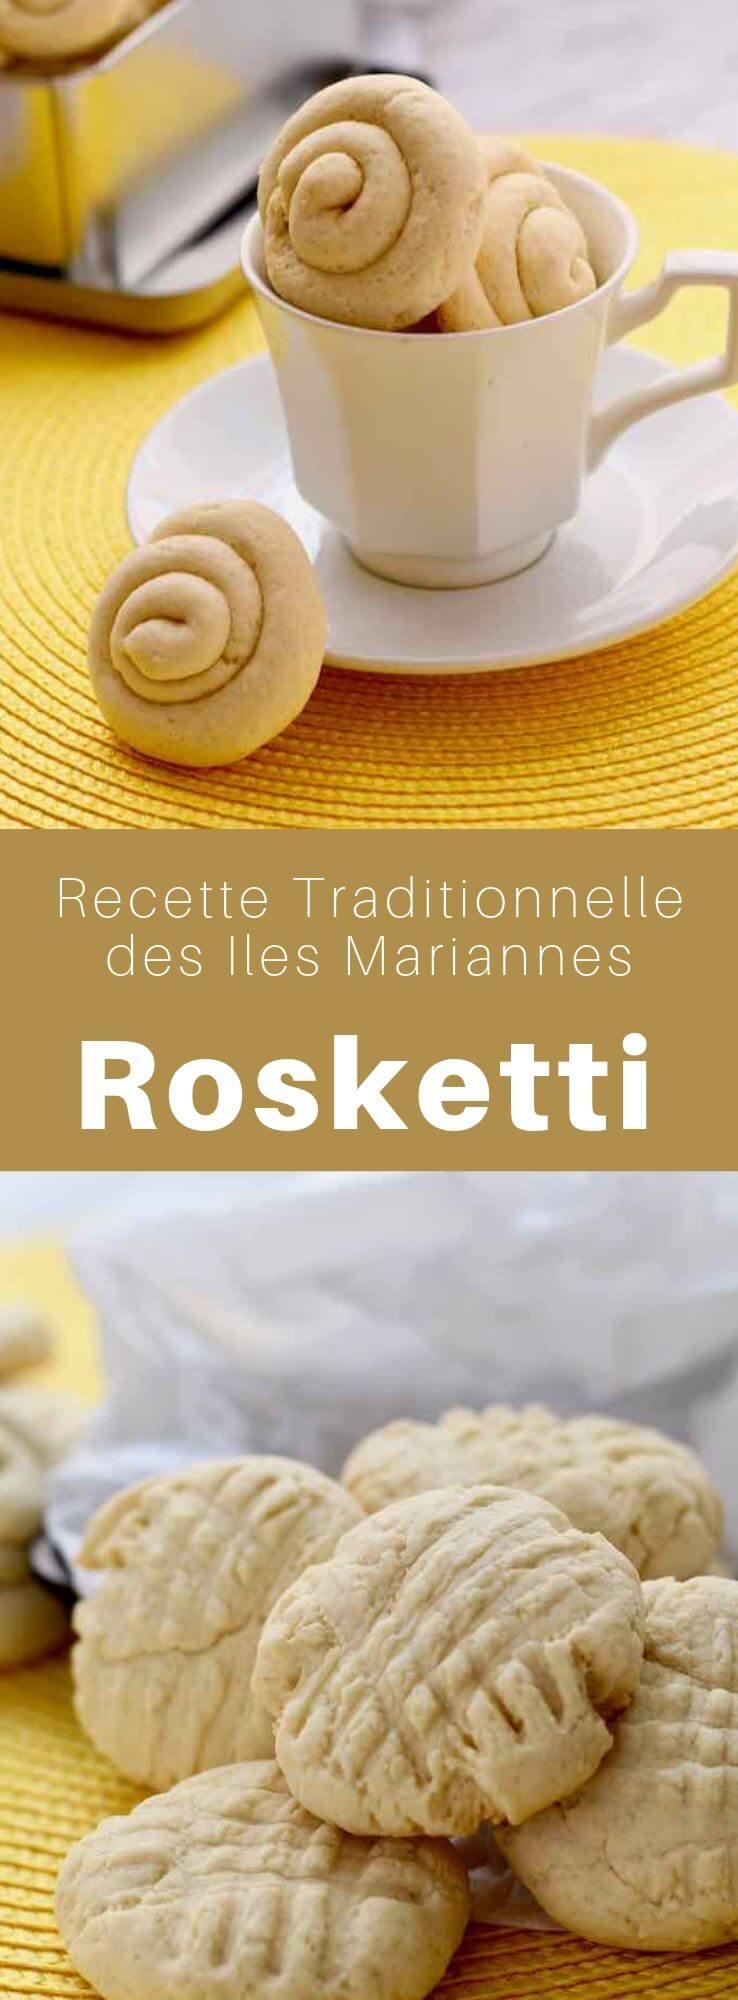 Les rosketti (ou rosketi) sont de délicieux biscuits sablés traditionnels de l'île de Guam et des Îles Mariannes à base de fécule de maïs. #IlesMariannes #Guam #Chamorro #CuisineChamorro #PacifiqueSud #Oceanie #CuisineDuMonde #196flavors